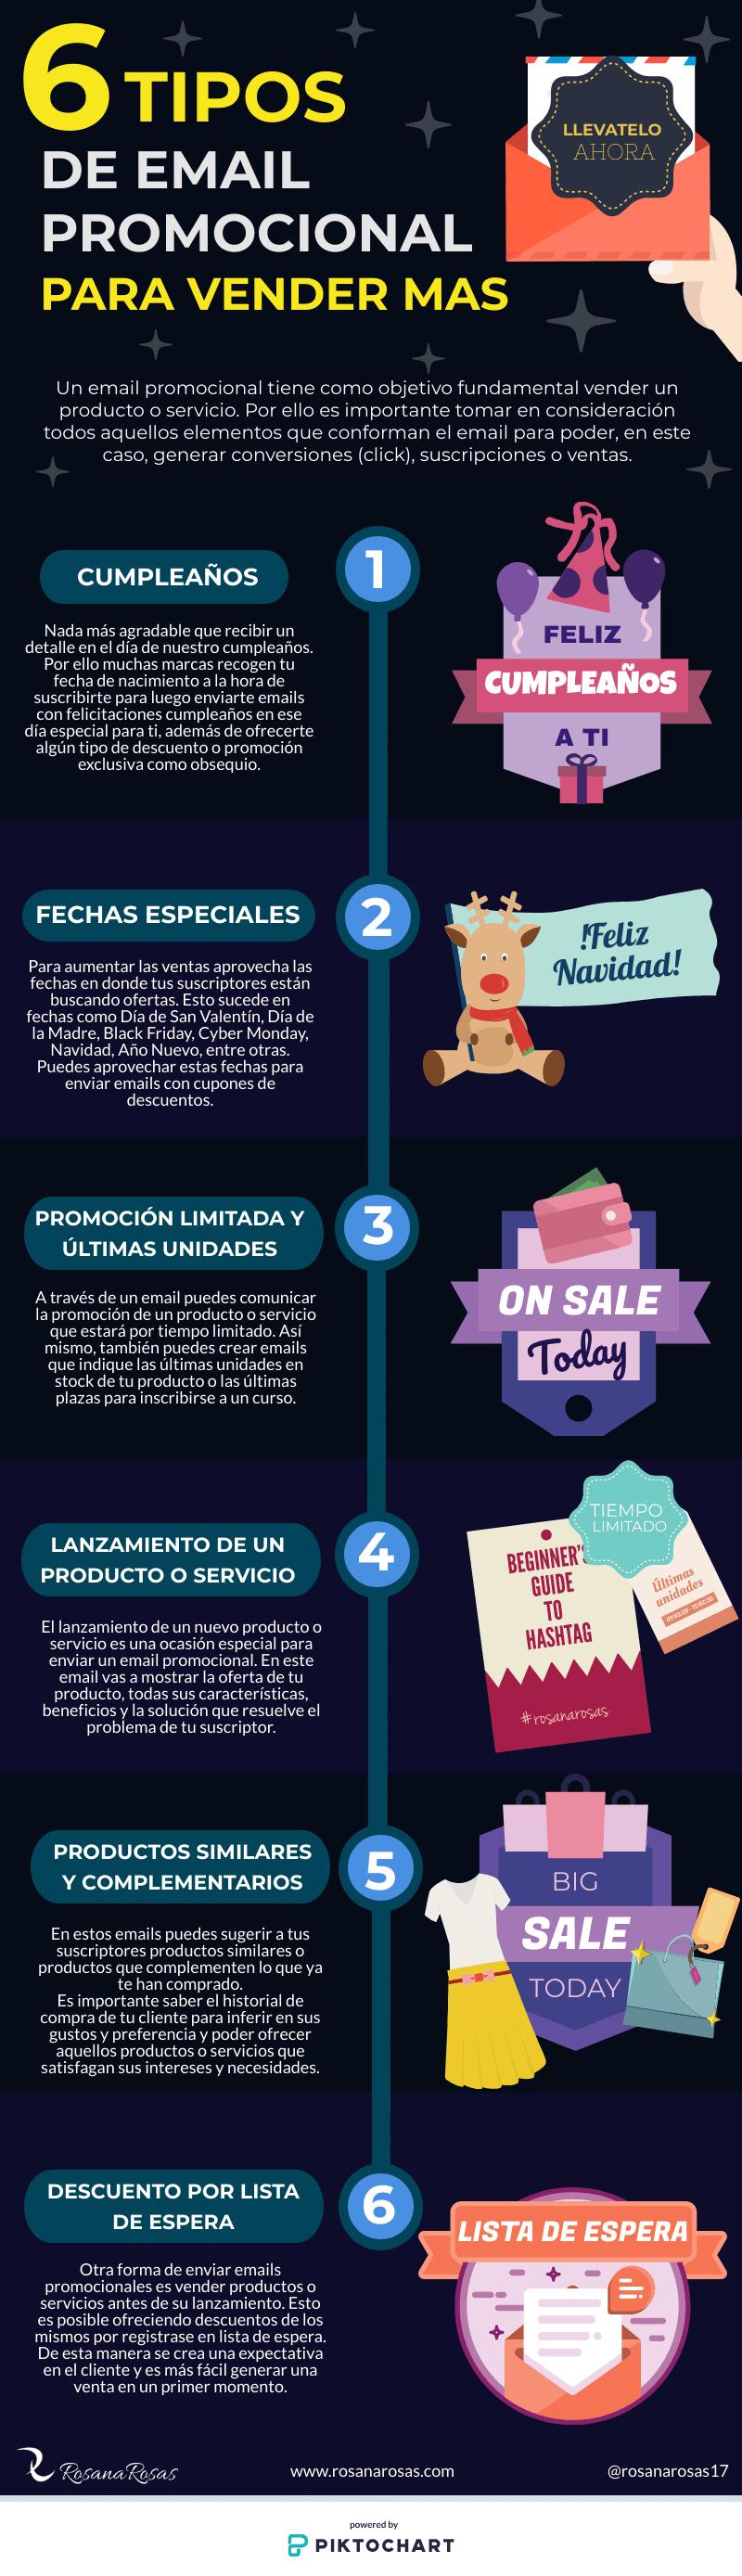 6 tipos de email promocional para vender más